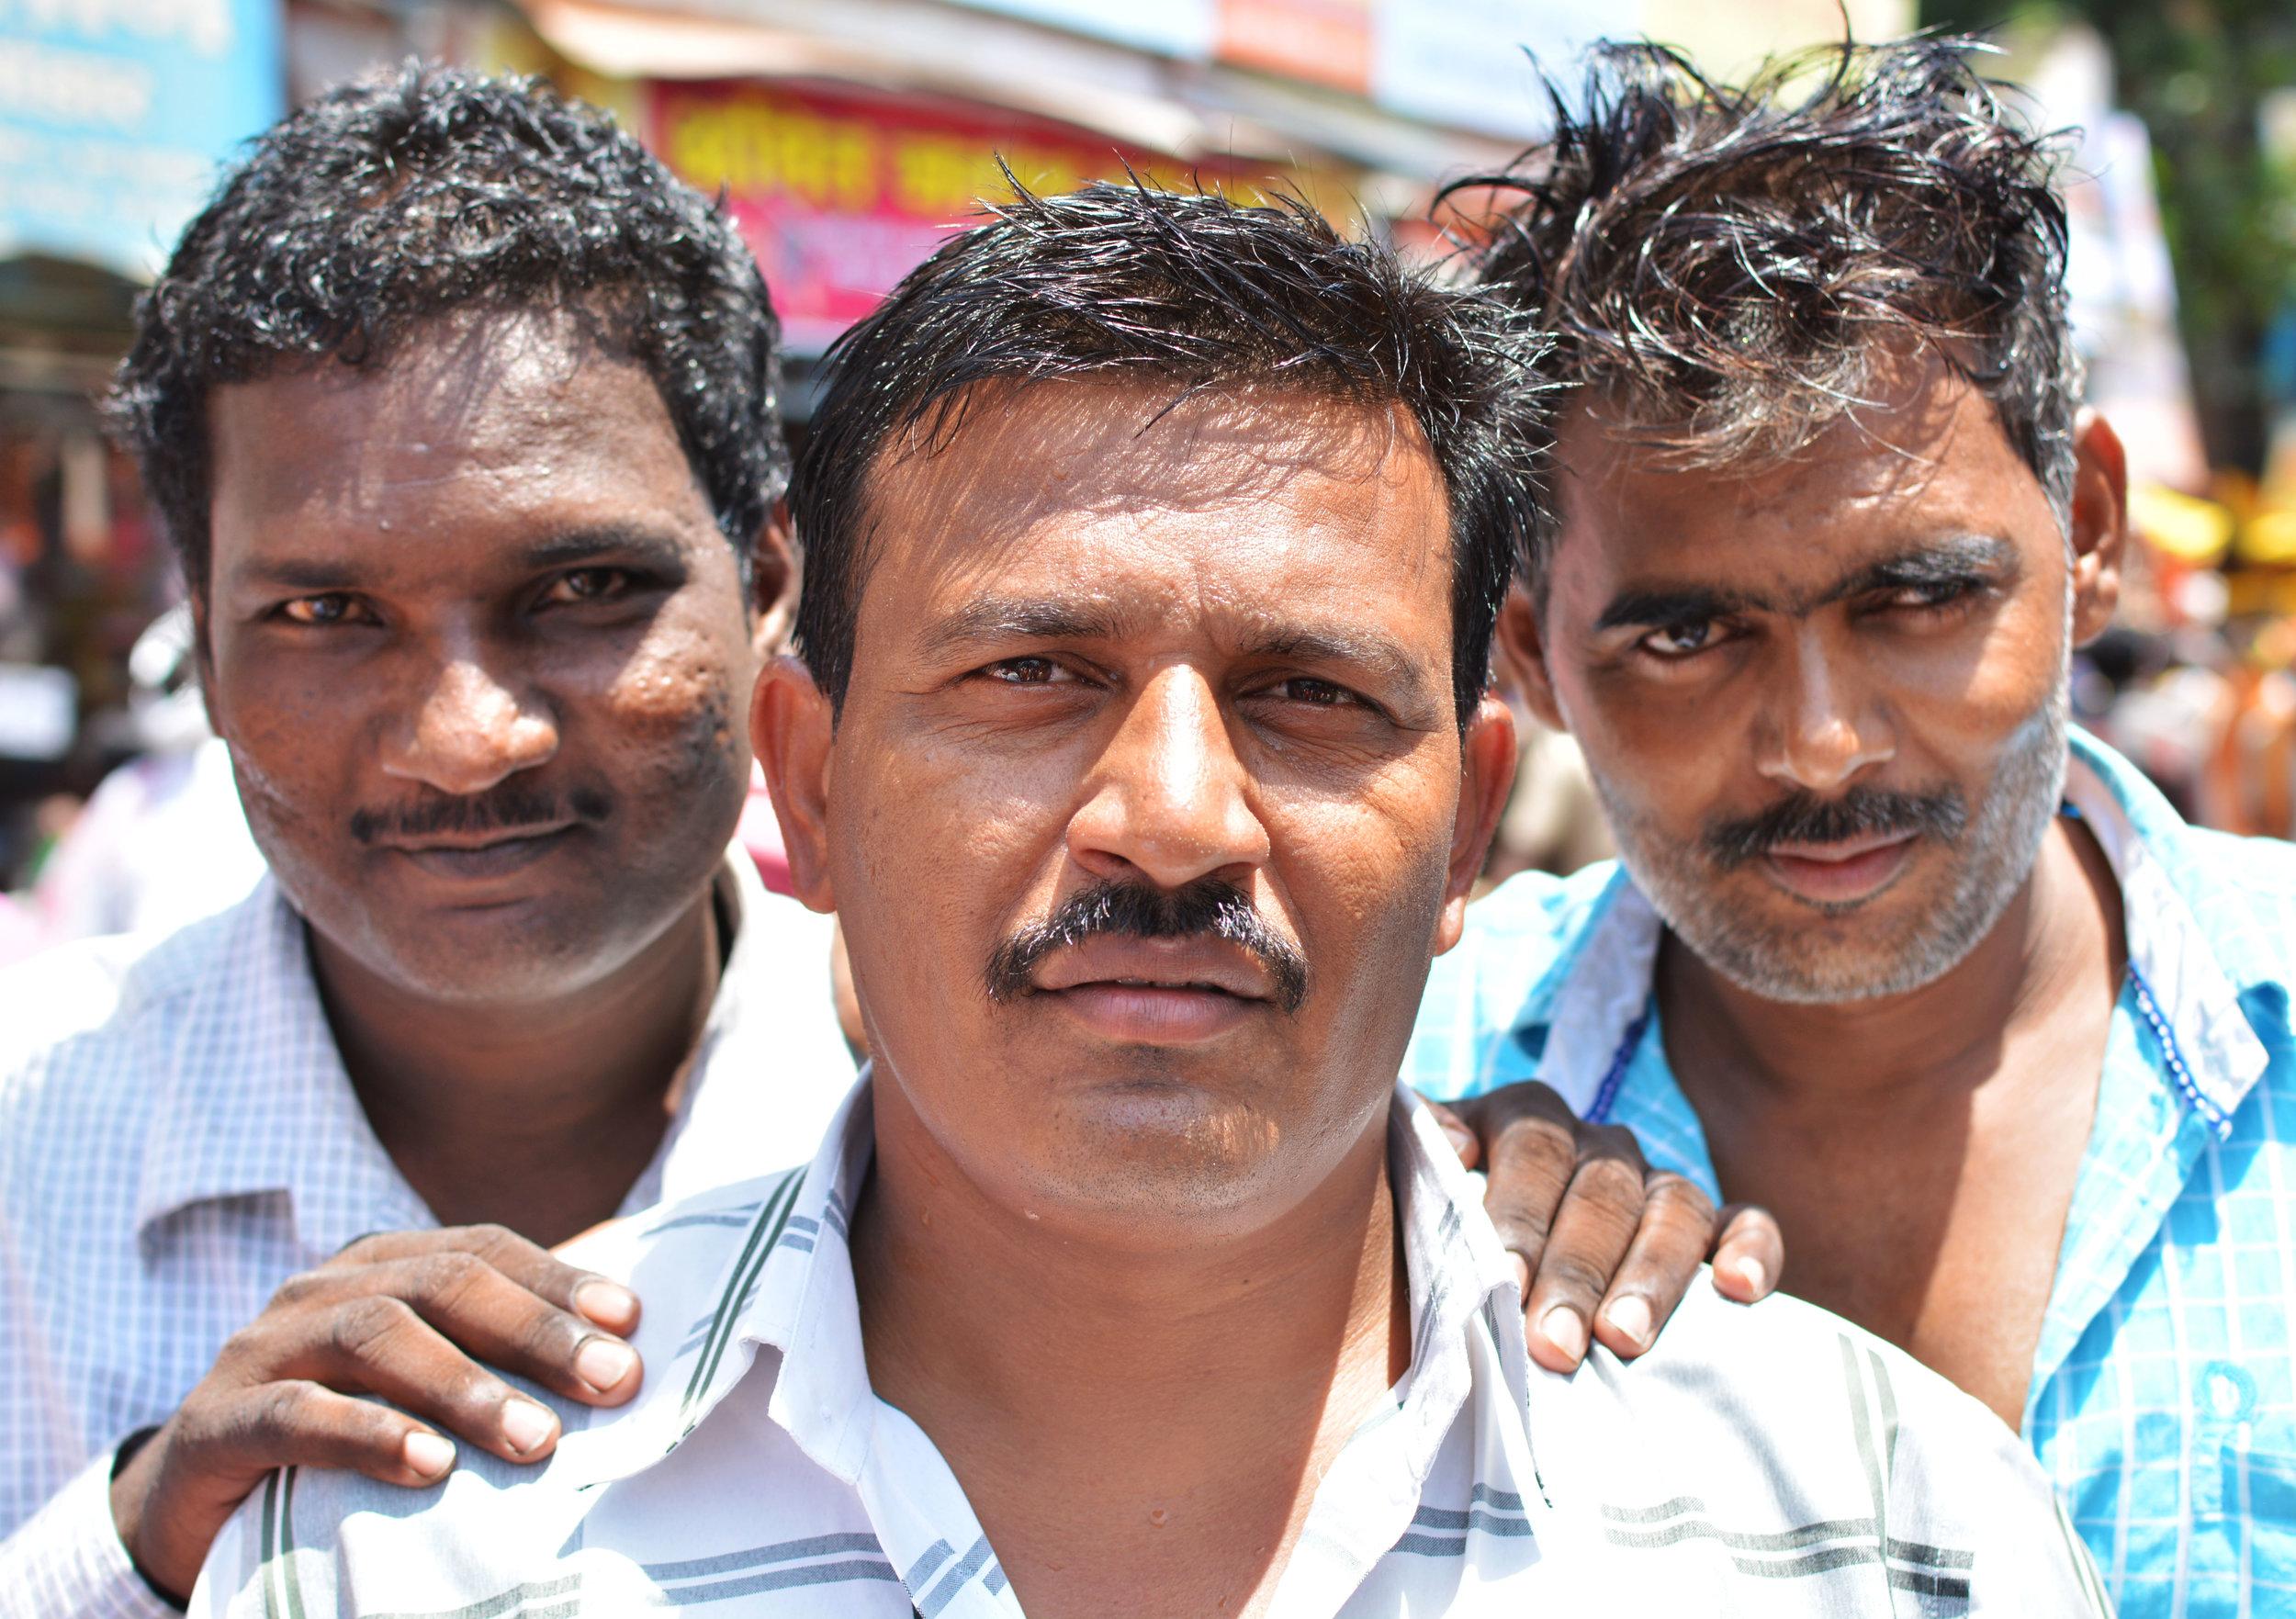 india three guys.jpg